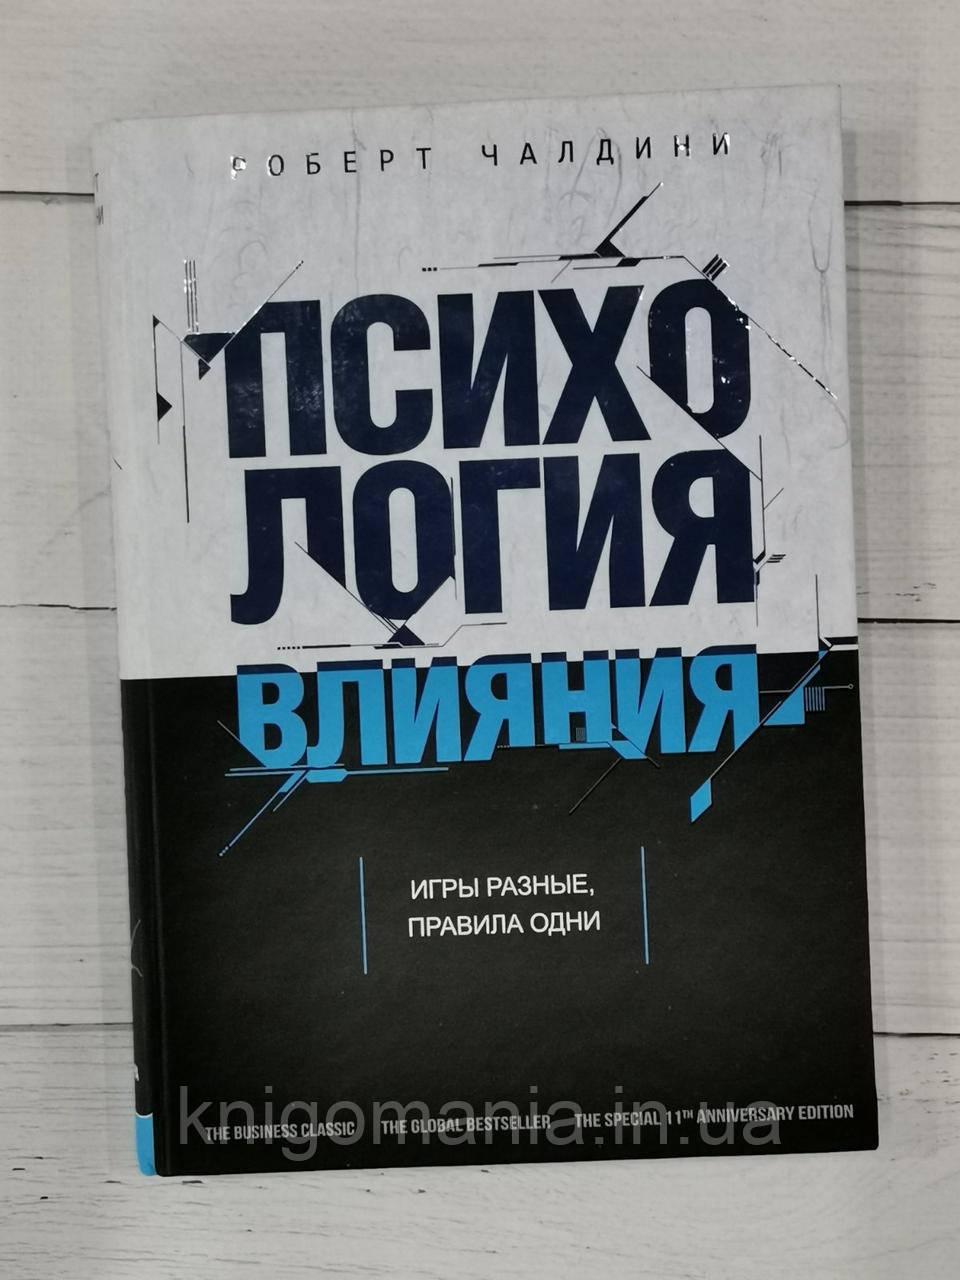 """Книга """"Психология влияния"""" Роберт Чалдини."""